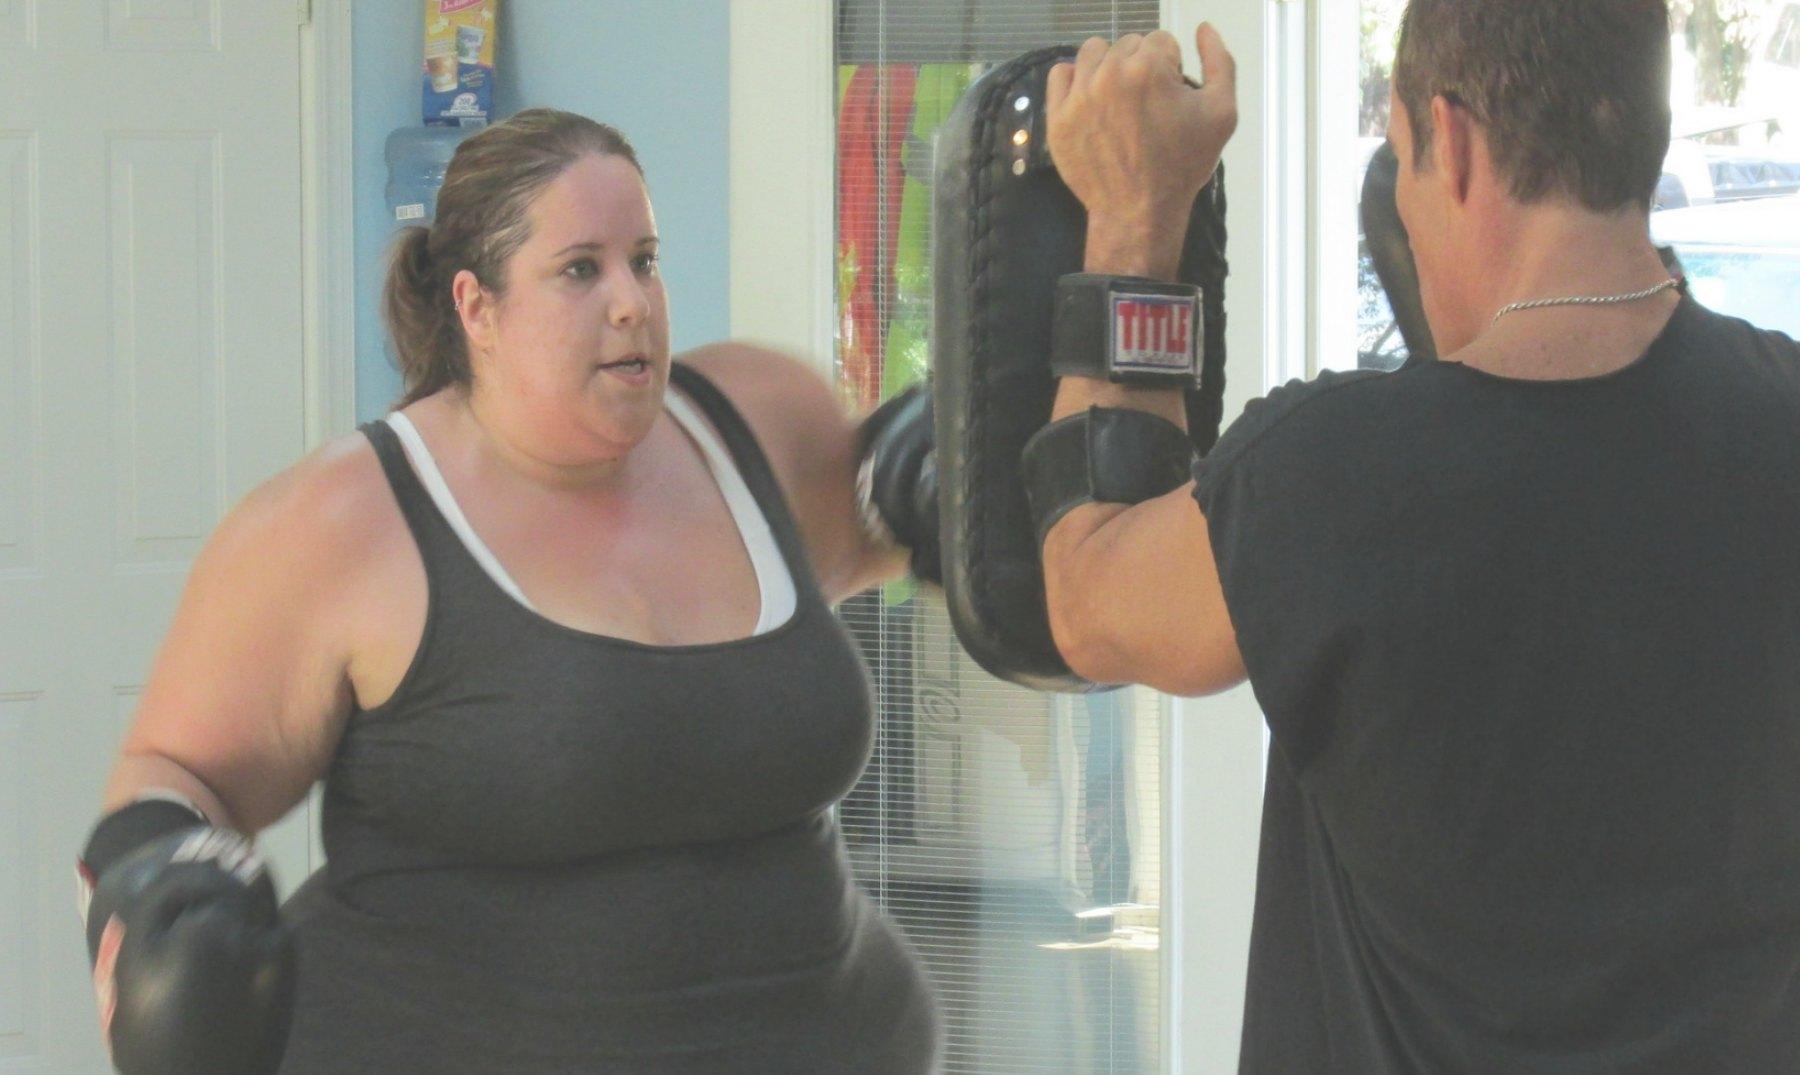 hacer ayudas para perder peso